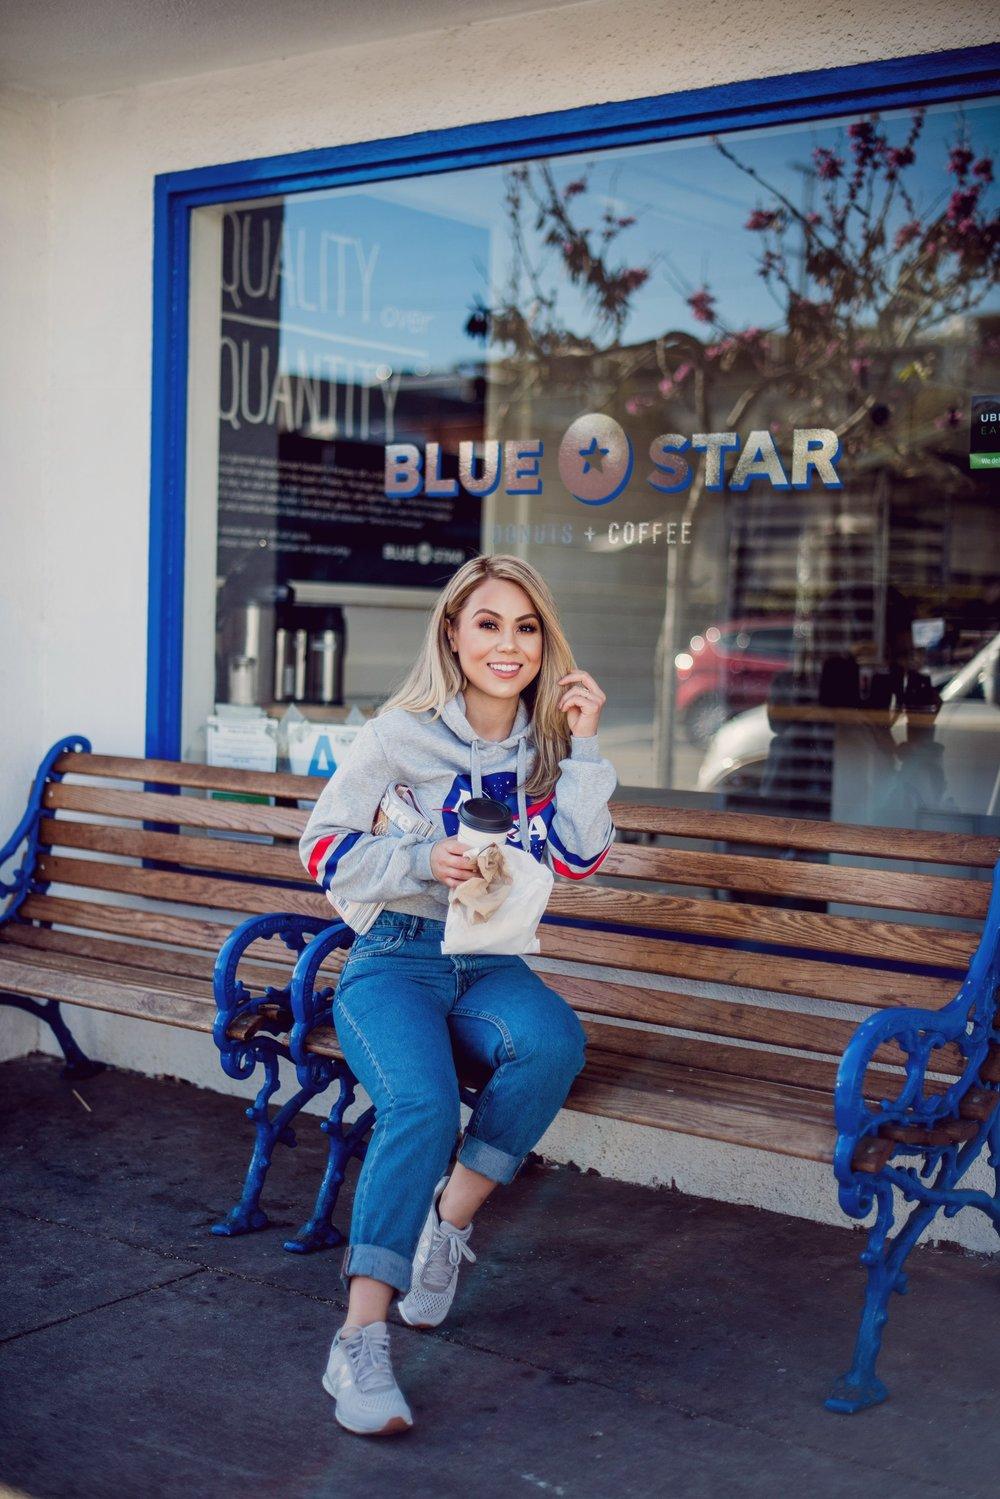 H&M Top, h&m top, H&M Sweater, h&m sweater, h&m hoodie, H&M Hoodie, H&M Women, h&m women, Beauty Blogger, beauty blogger, latina blogger, Latina Blogger, Los Angeles Blogger, los angeles blogger, anastasia beverly hills brow definer, Anastasia Beverly Hills Brow Definer, Anastasia Beverly Hills, anastasia beverly hills, Nyx, nyx, NYX Banana Powder, nyx banana powder, Mac Cosmetics, mac cosmetics, mac pro longerwear, Mac Pro Longwear, Butter Bronzer, butter bronzer, Ardell Lashes, ardell lashes, Lashes, lashes, beauty junkie, Beauty Junkie, Zara Jeans, zara jeans, Zara Women, zara women, Zara Clothing, zara clothing, Women's Fashion, women's fashion, Clothing for Women, clothing for women, H&M New Arrivals, h&m new arrivals, H&M Trends, h&m trends,Earrings, earrings, studs, Studs,accessory junkie, Accessory Junkie, Outfit of The Day,outfit of the day, Morphe Cosmetics,morphs cosmetics, Forever21, forever21, forever21 accessories, Forever21 Accessories, silver jewelry, Silver Jewelry, Affordable Style, affordable style, LA Blogger, la blogger, Los Angeles, los angeles, Latina Blogger, latina blogger, H&M Women, h&m women, H&M Style, h&m style, Blue Star Cafe, blue star cafe, blue star coffee shop, Blue Star Coffee Shop, Blue Star Donuts and Coffee, blue star donuts and coffee, Blue Star Santa Monica, blue star santa monica, NASA Hoodie, nasa hoodie, space hoodie, Space Hoodie, NASA Hoodie Women, nasa hoodie women, Space Sweater, space sweater, new balance sneakers, New balance Sneakers, Zara Mom Jeans, zara mom jeans, space cat, space travel, Space Travel, Street Style, street style, sweater season, Sweater Season, Donut Lover, donut lover, OOTD, ootd, Space Cat,